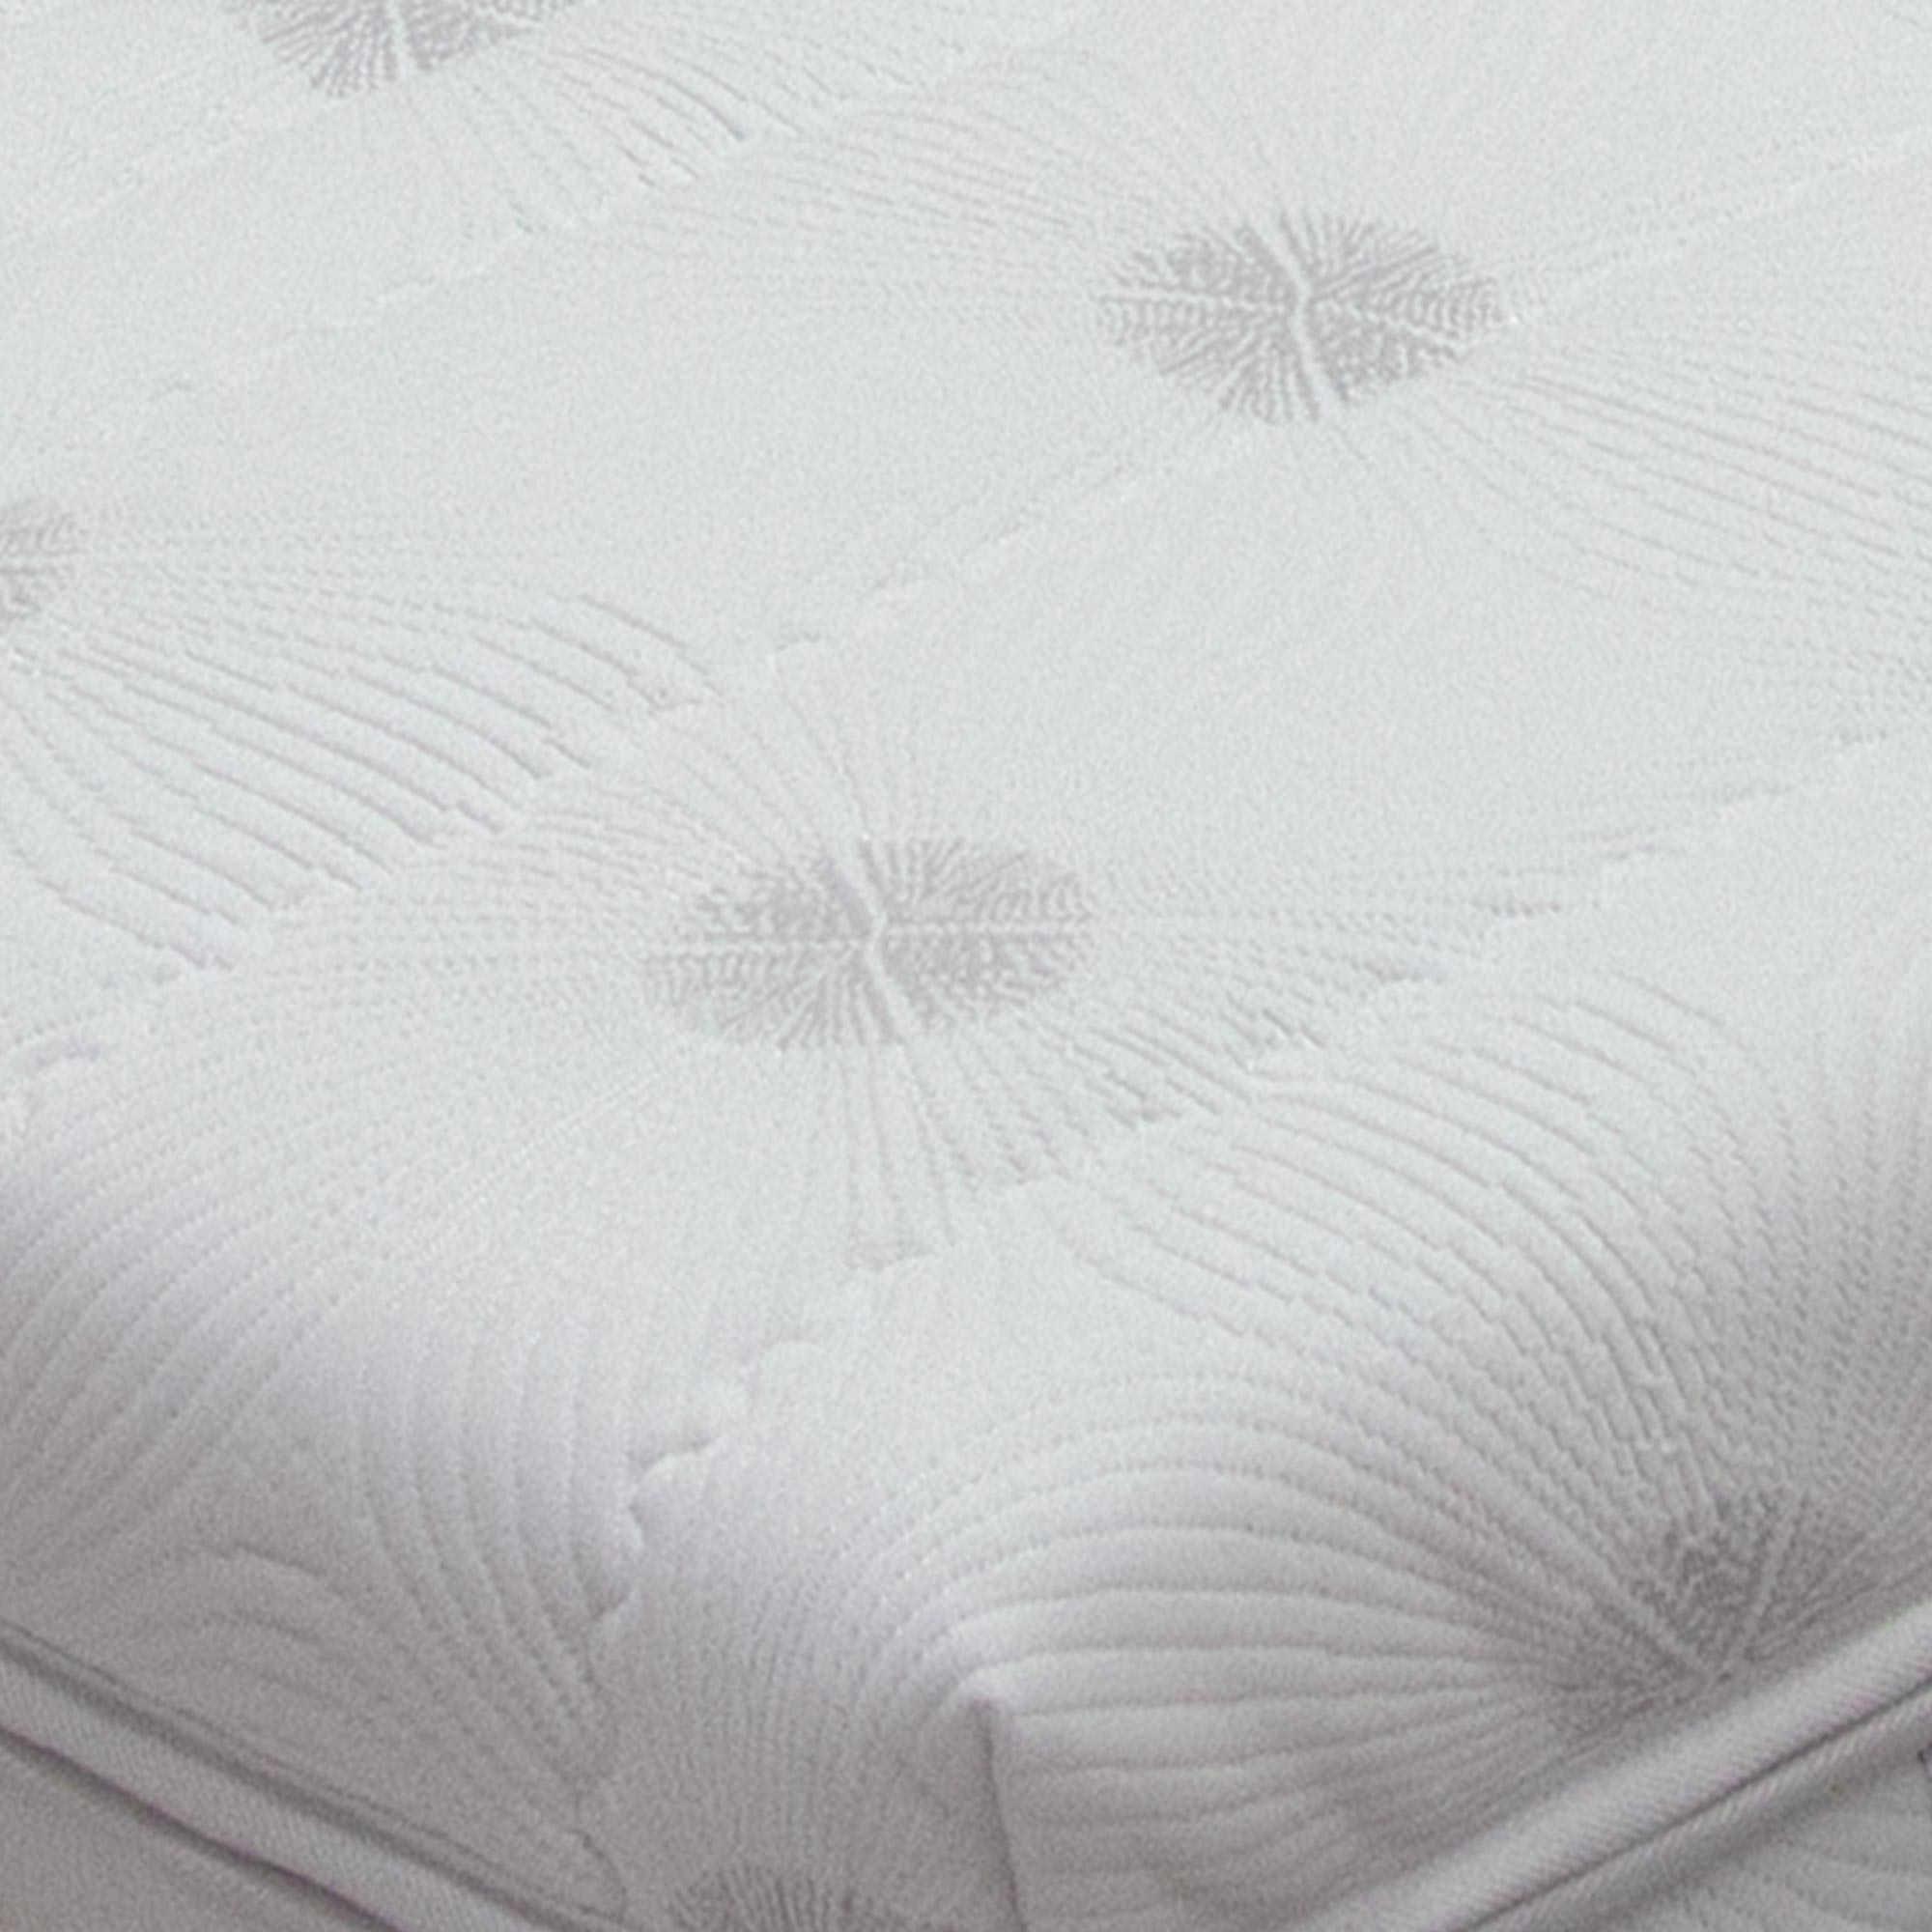 tejido strech de aloe vera en colchon de latex